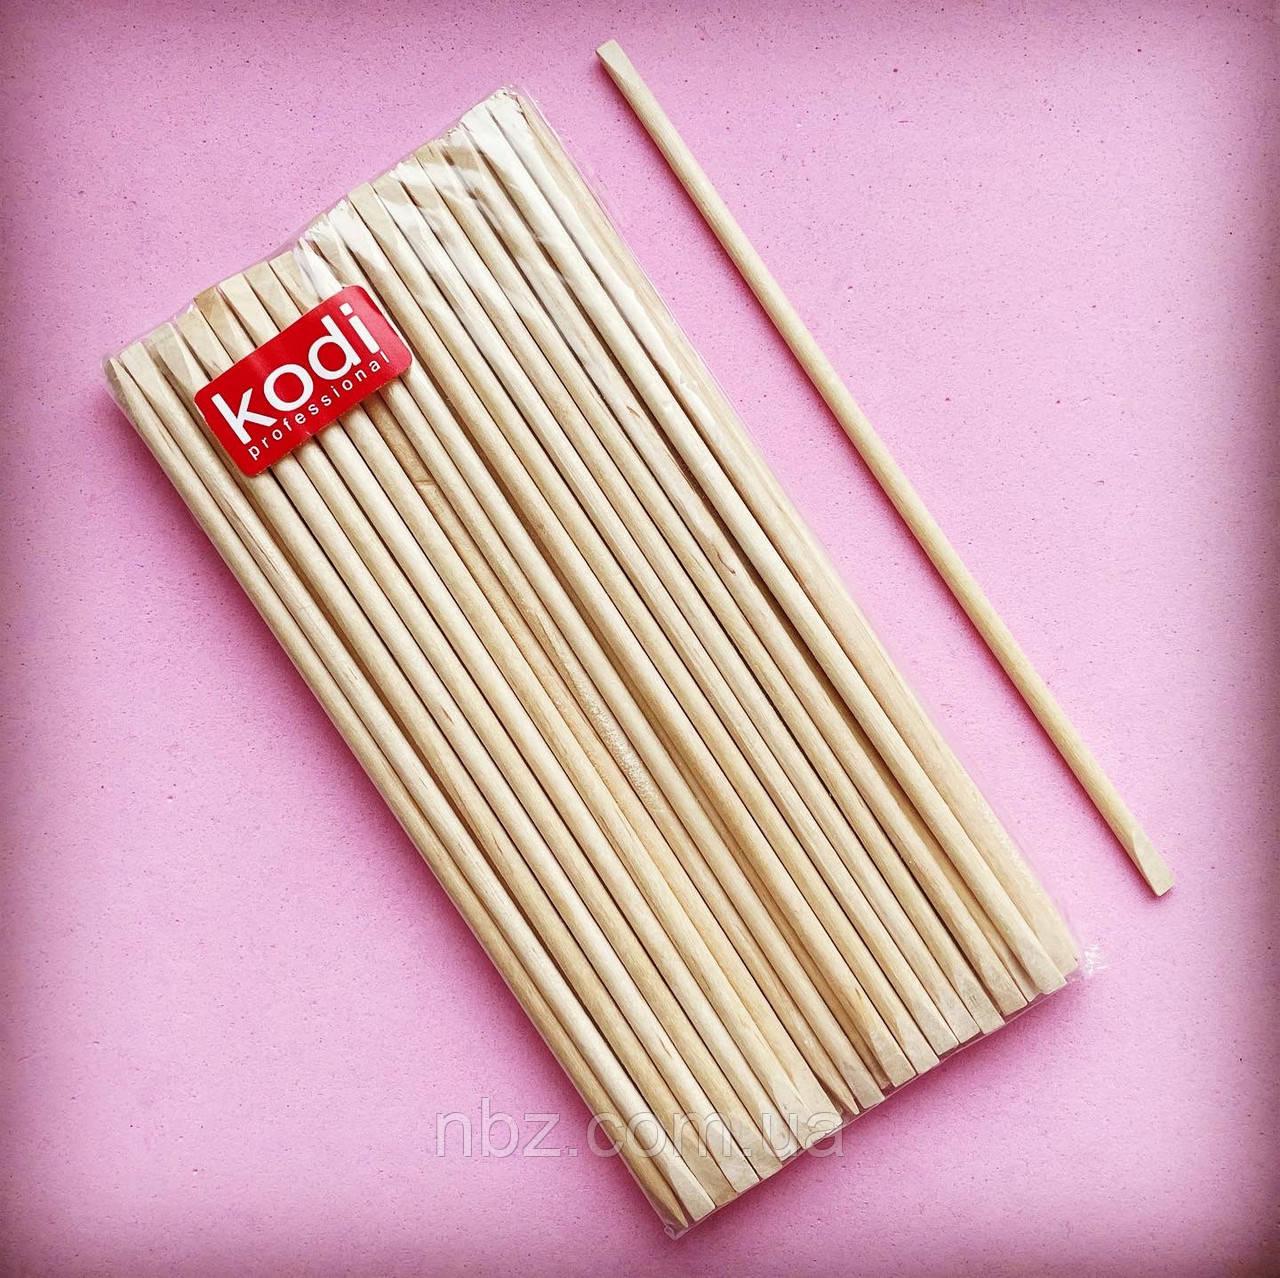 Апельсинові палички Kodi Professional 50шт